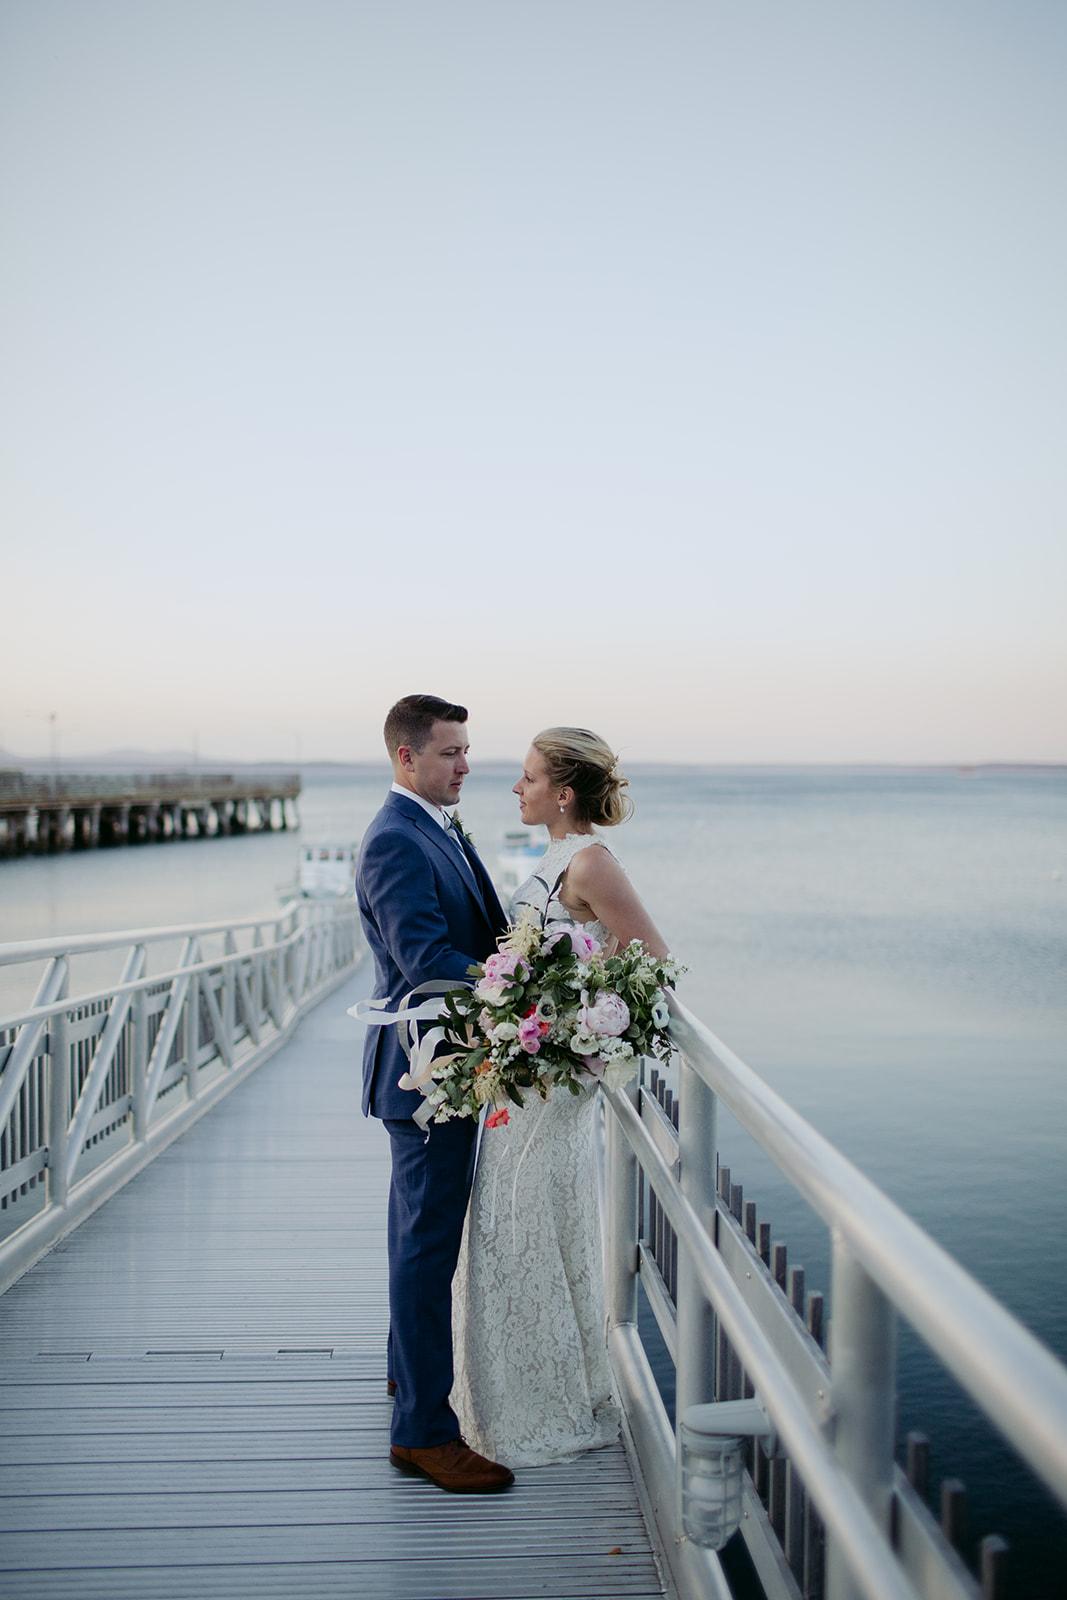 Watershed_Floral_Acadia_Maine_Wedding_Florist__Acadia_415.jpg